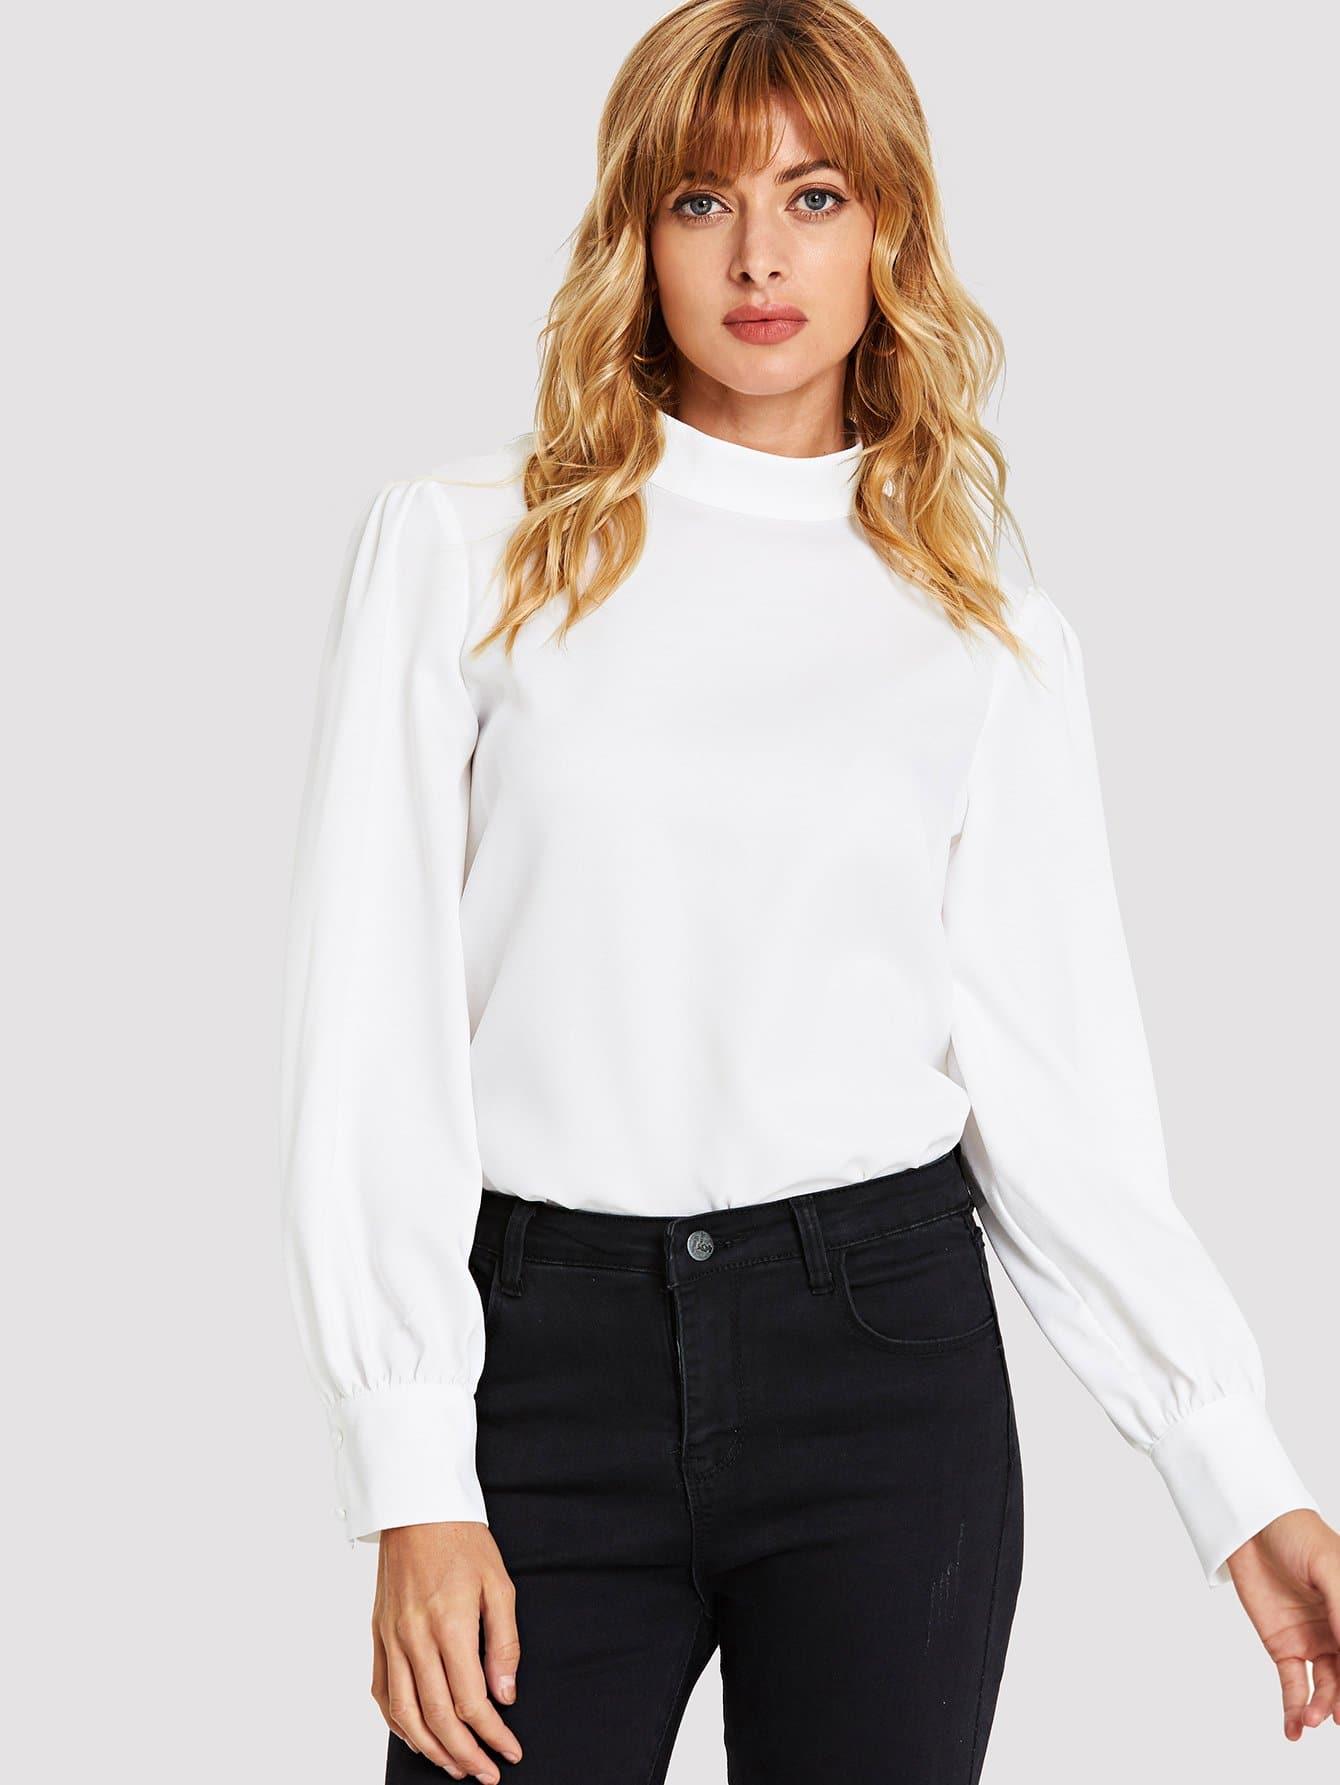 Купить Задняя блузка с вырезом, Masha, SheIn